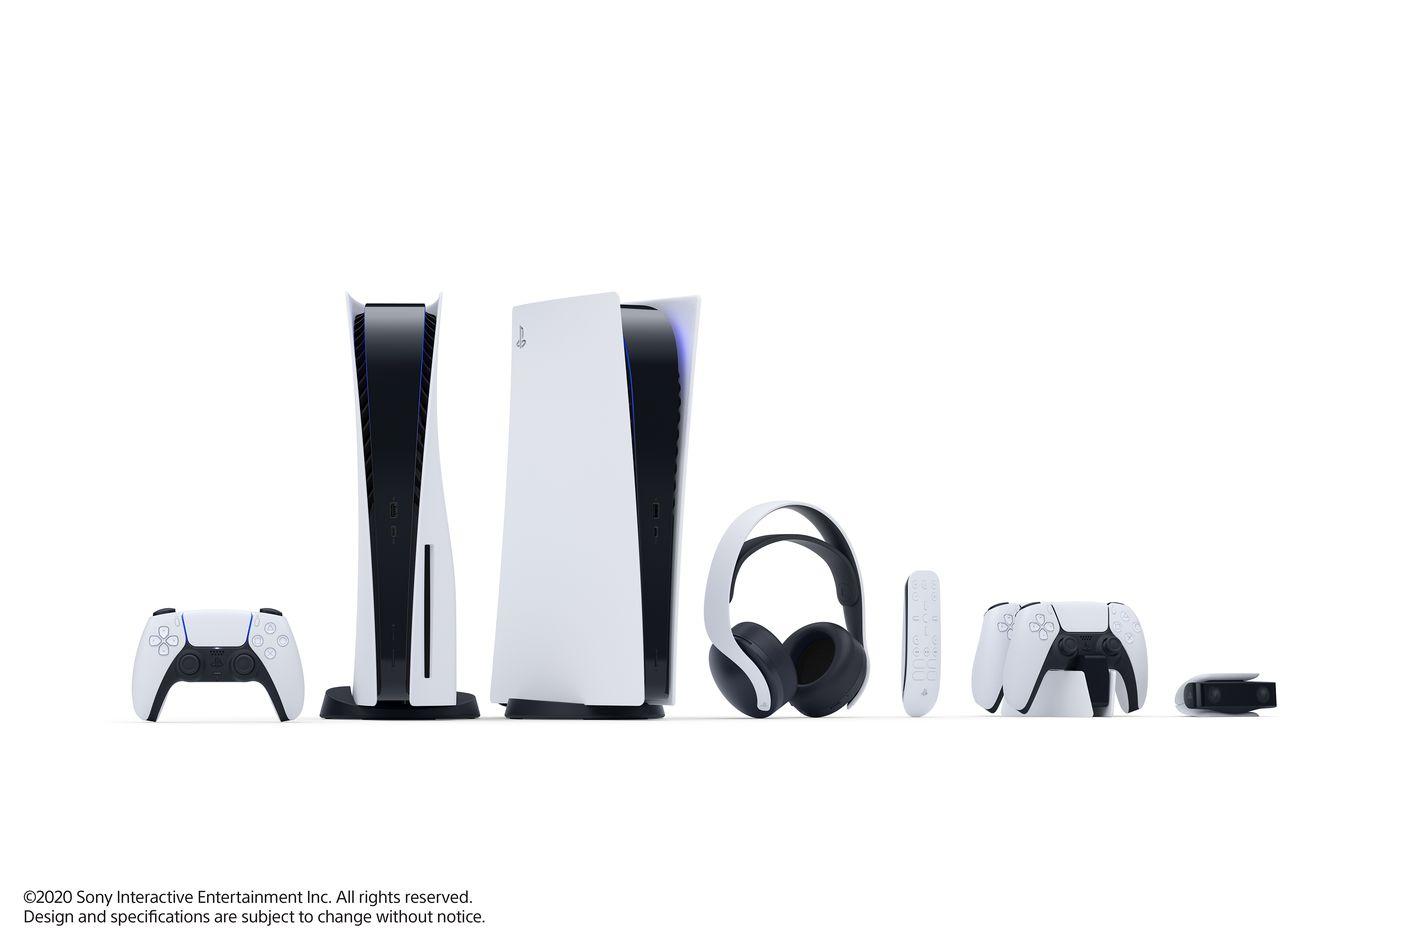 Sony Playstation 5 i akcesoria